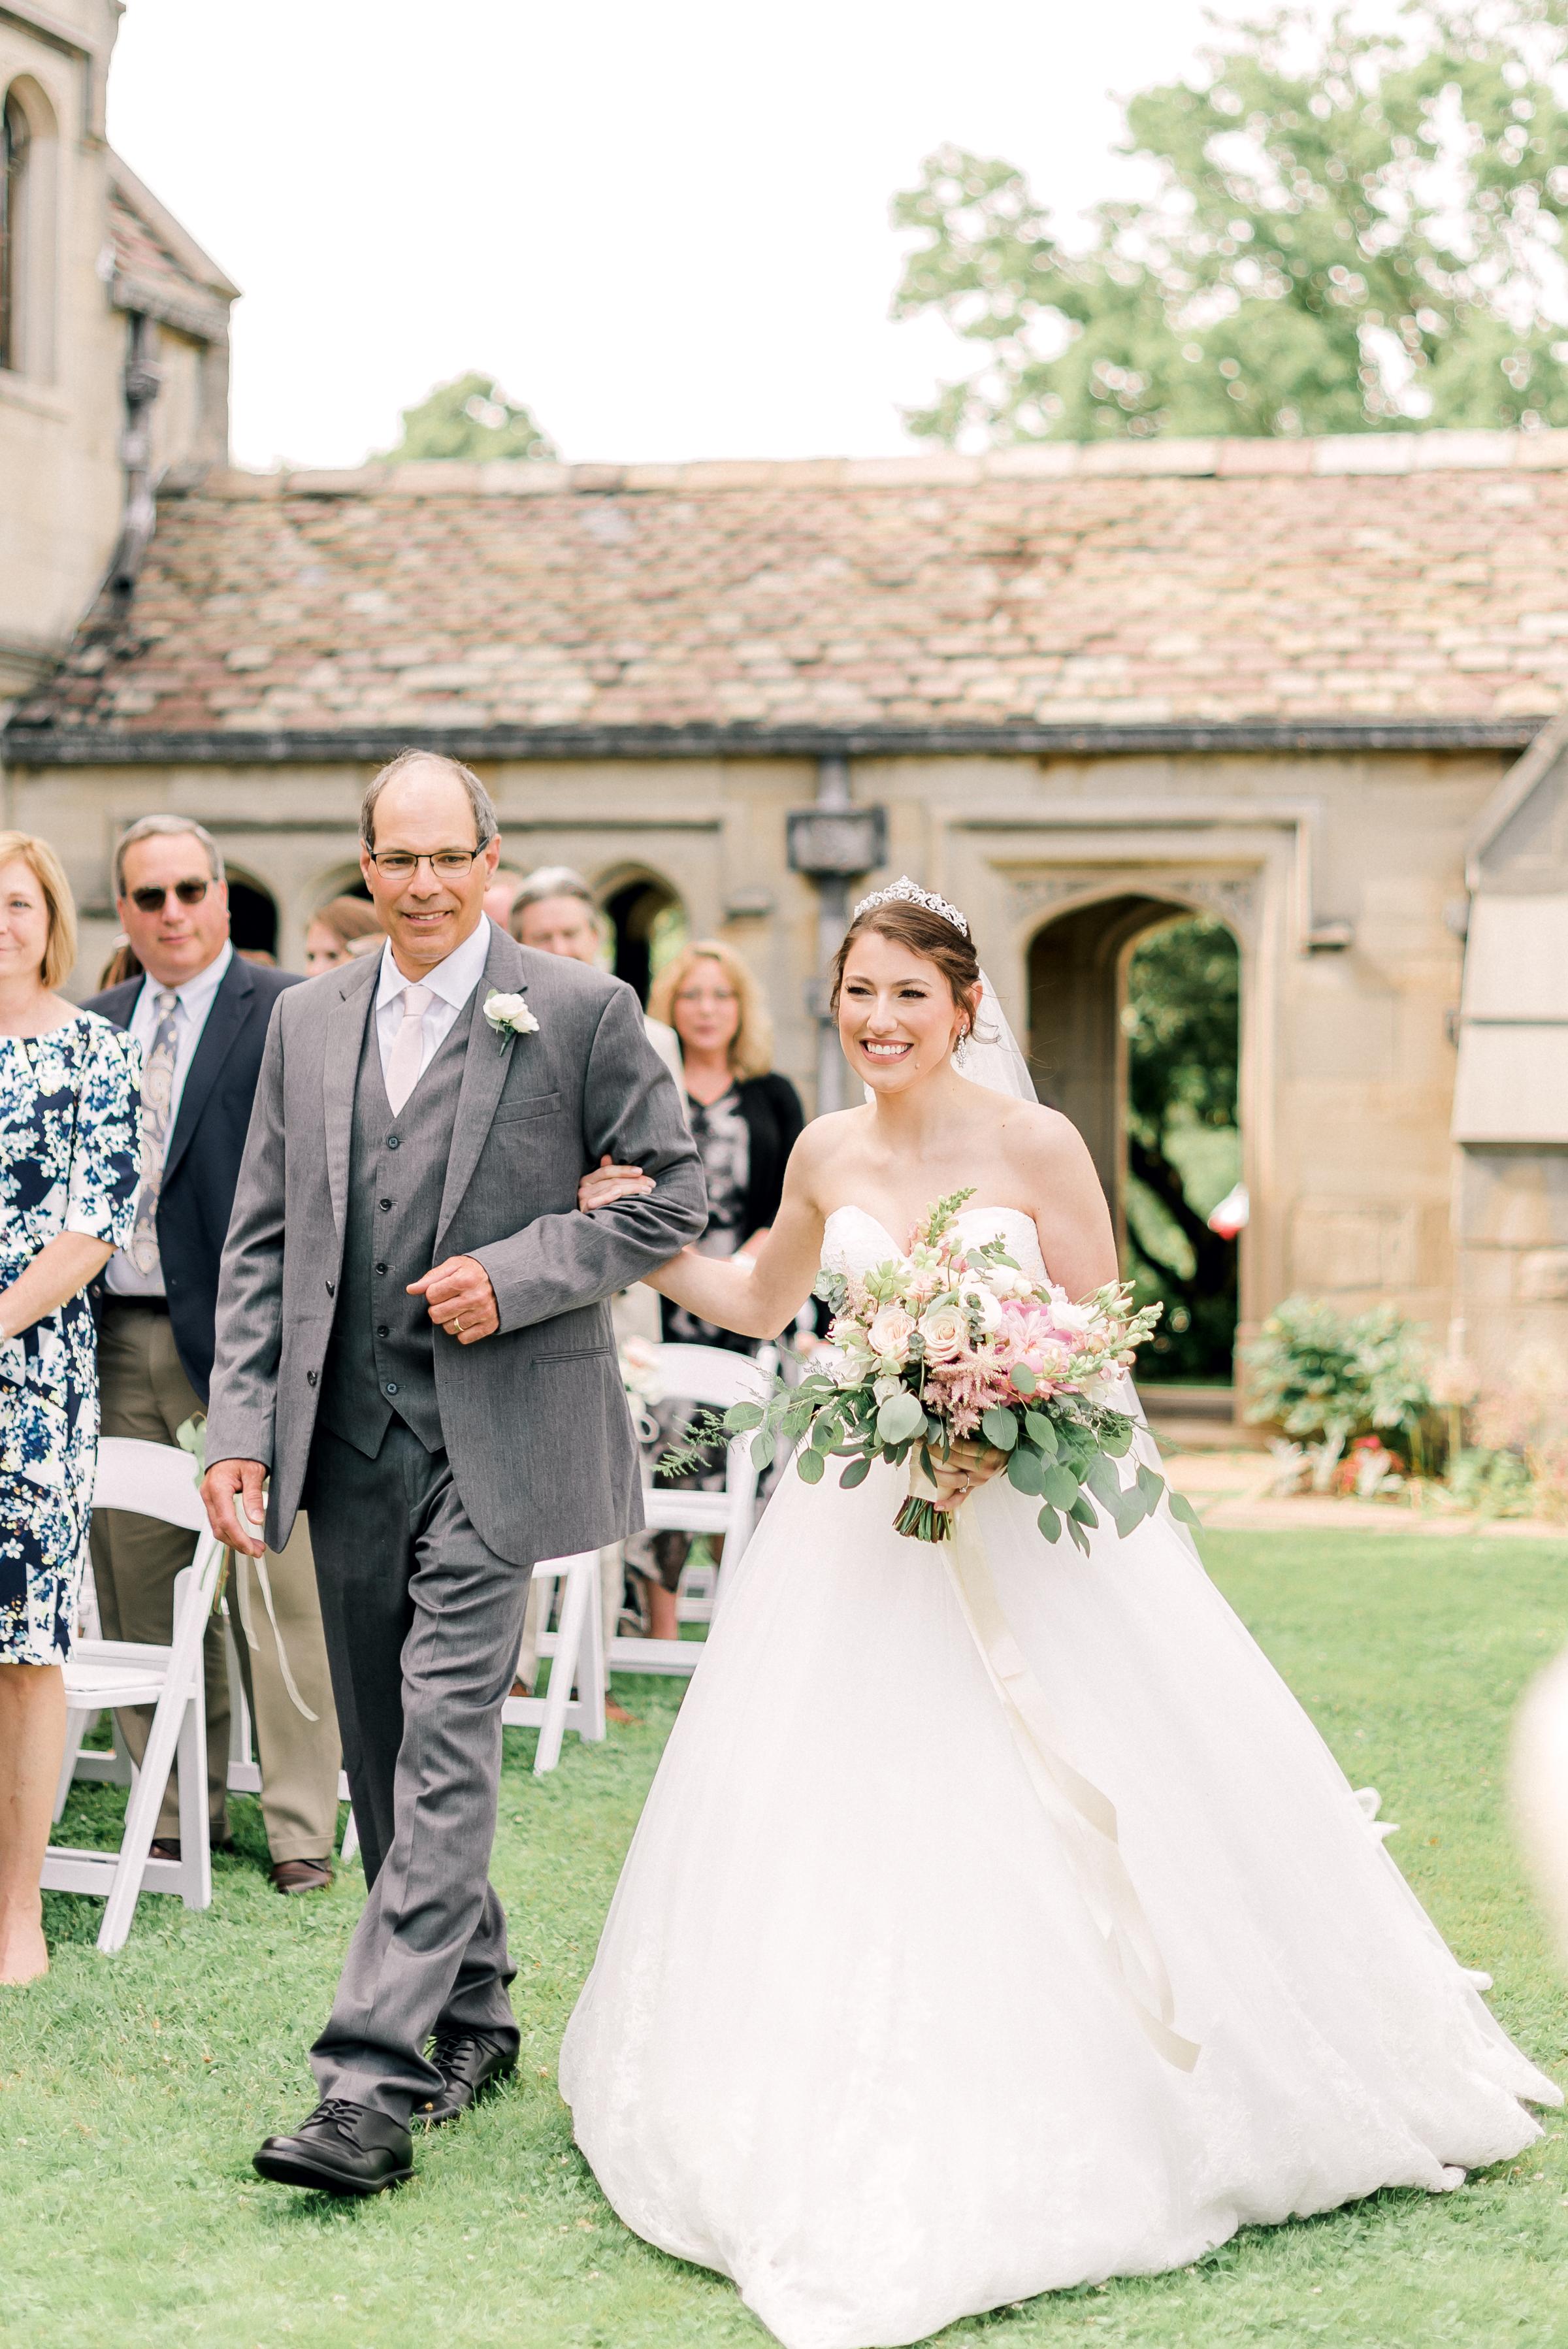 pittsburgh-wedding-photographer-hartwood-acres-0022.jpg